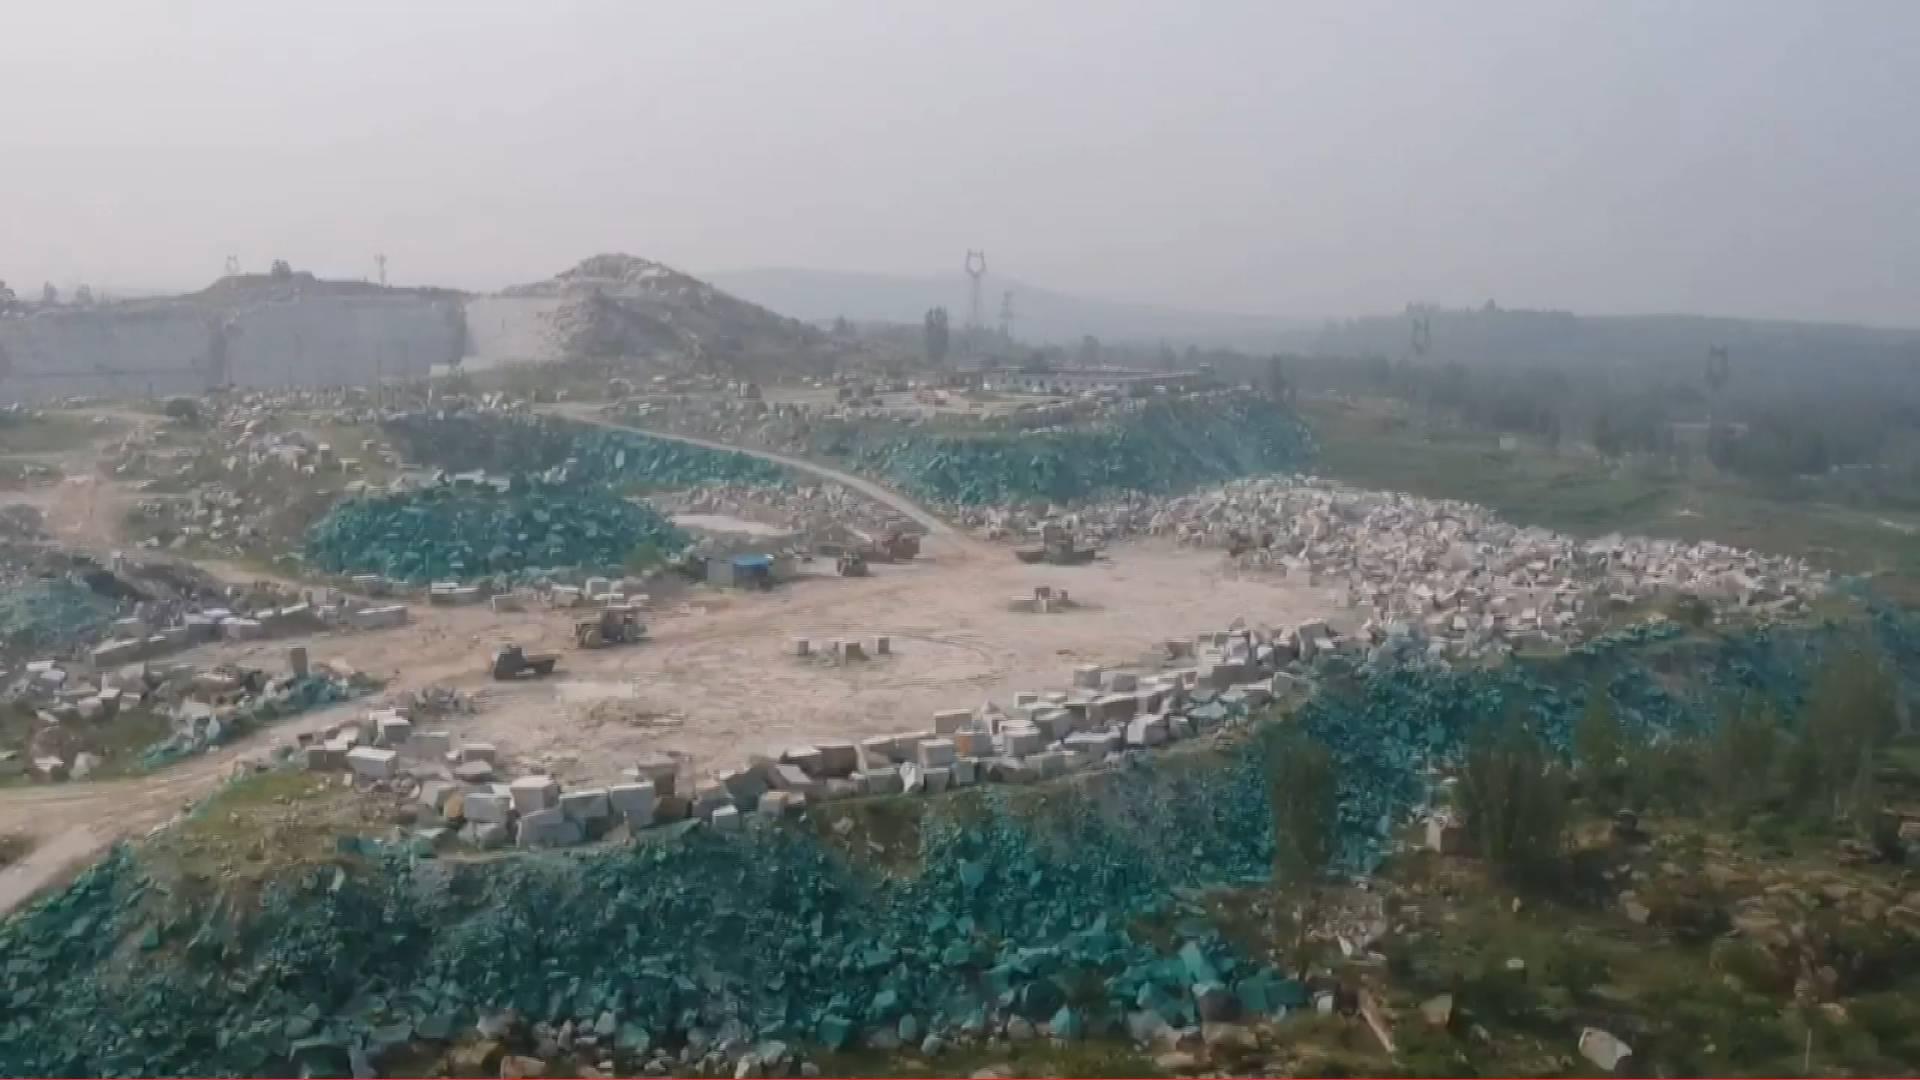 山东新泰矿山刷绿漆 市长:这个企业没良心|新泰